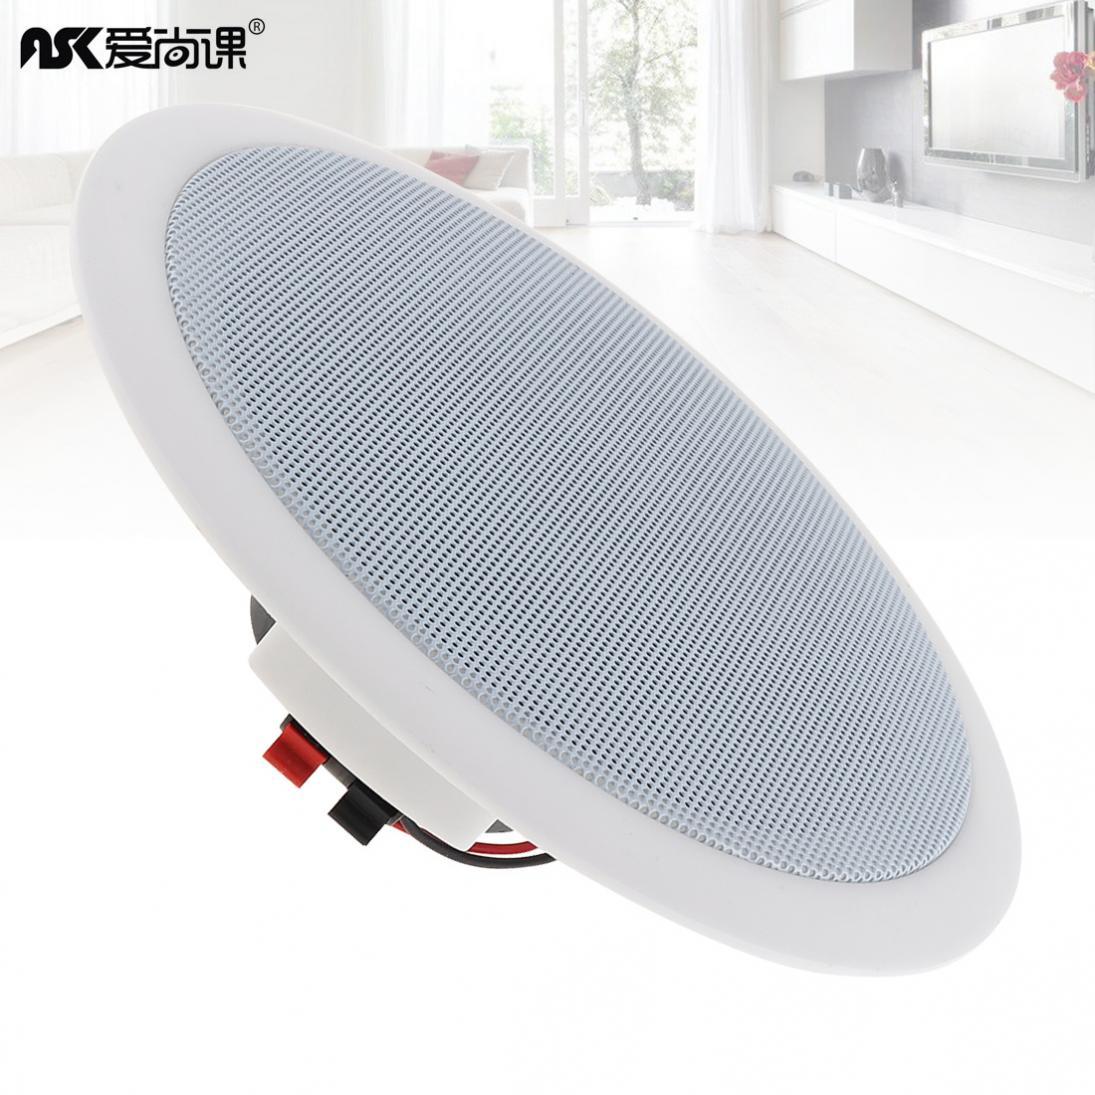 ASK-515 5 дюймов 5 Вт потолочный динамик для общественного вещания фоновый музыкальный динамик для дома/супермаркета/ресторана